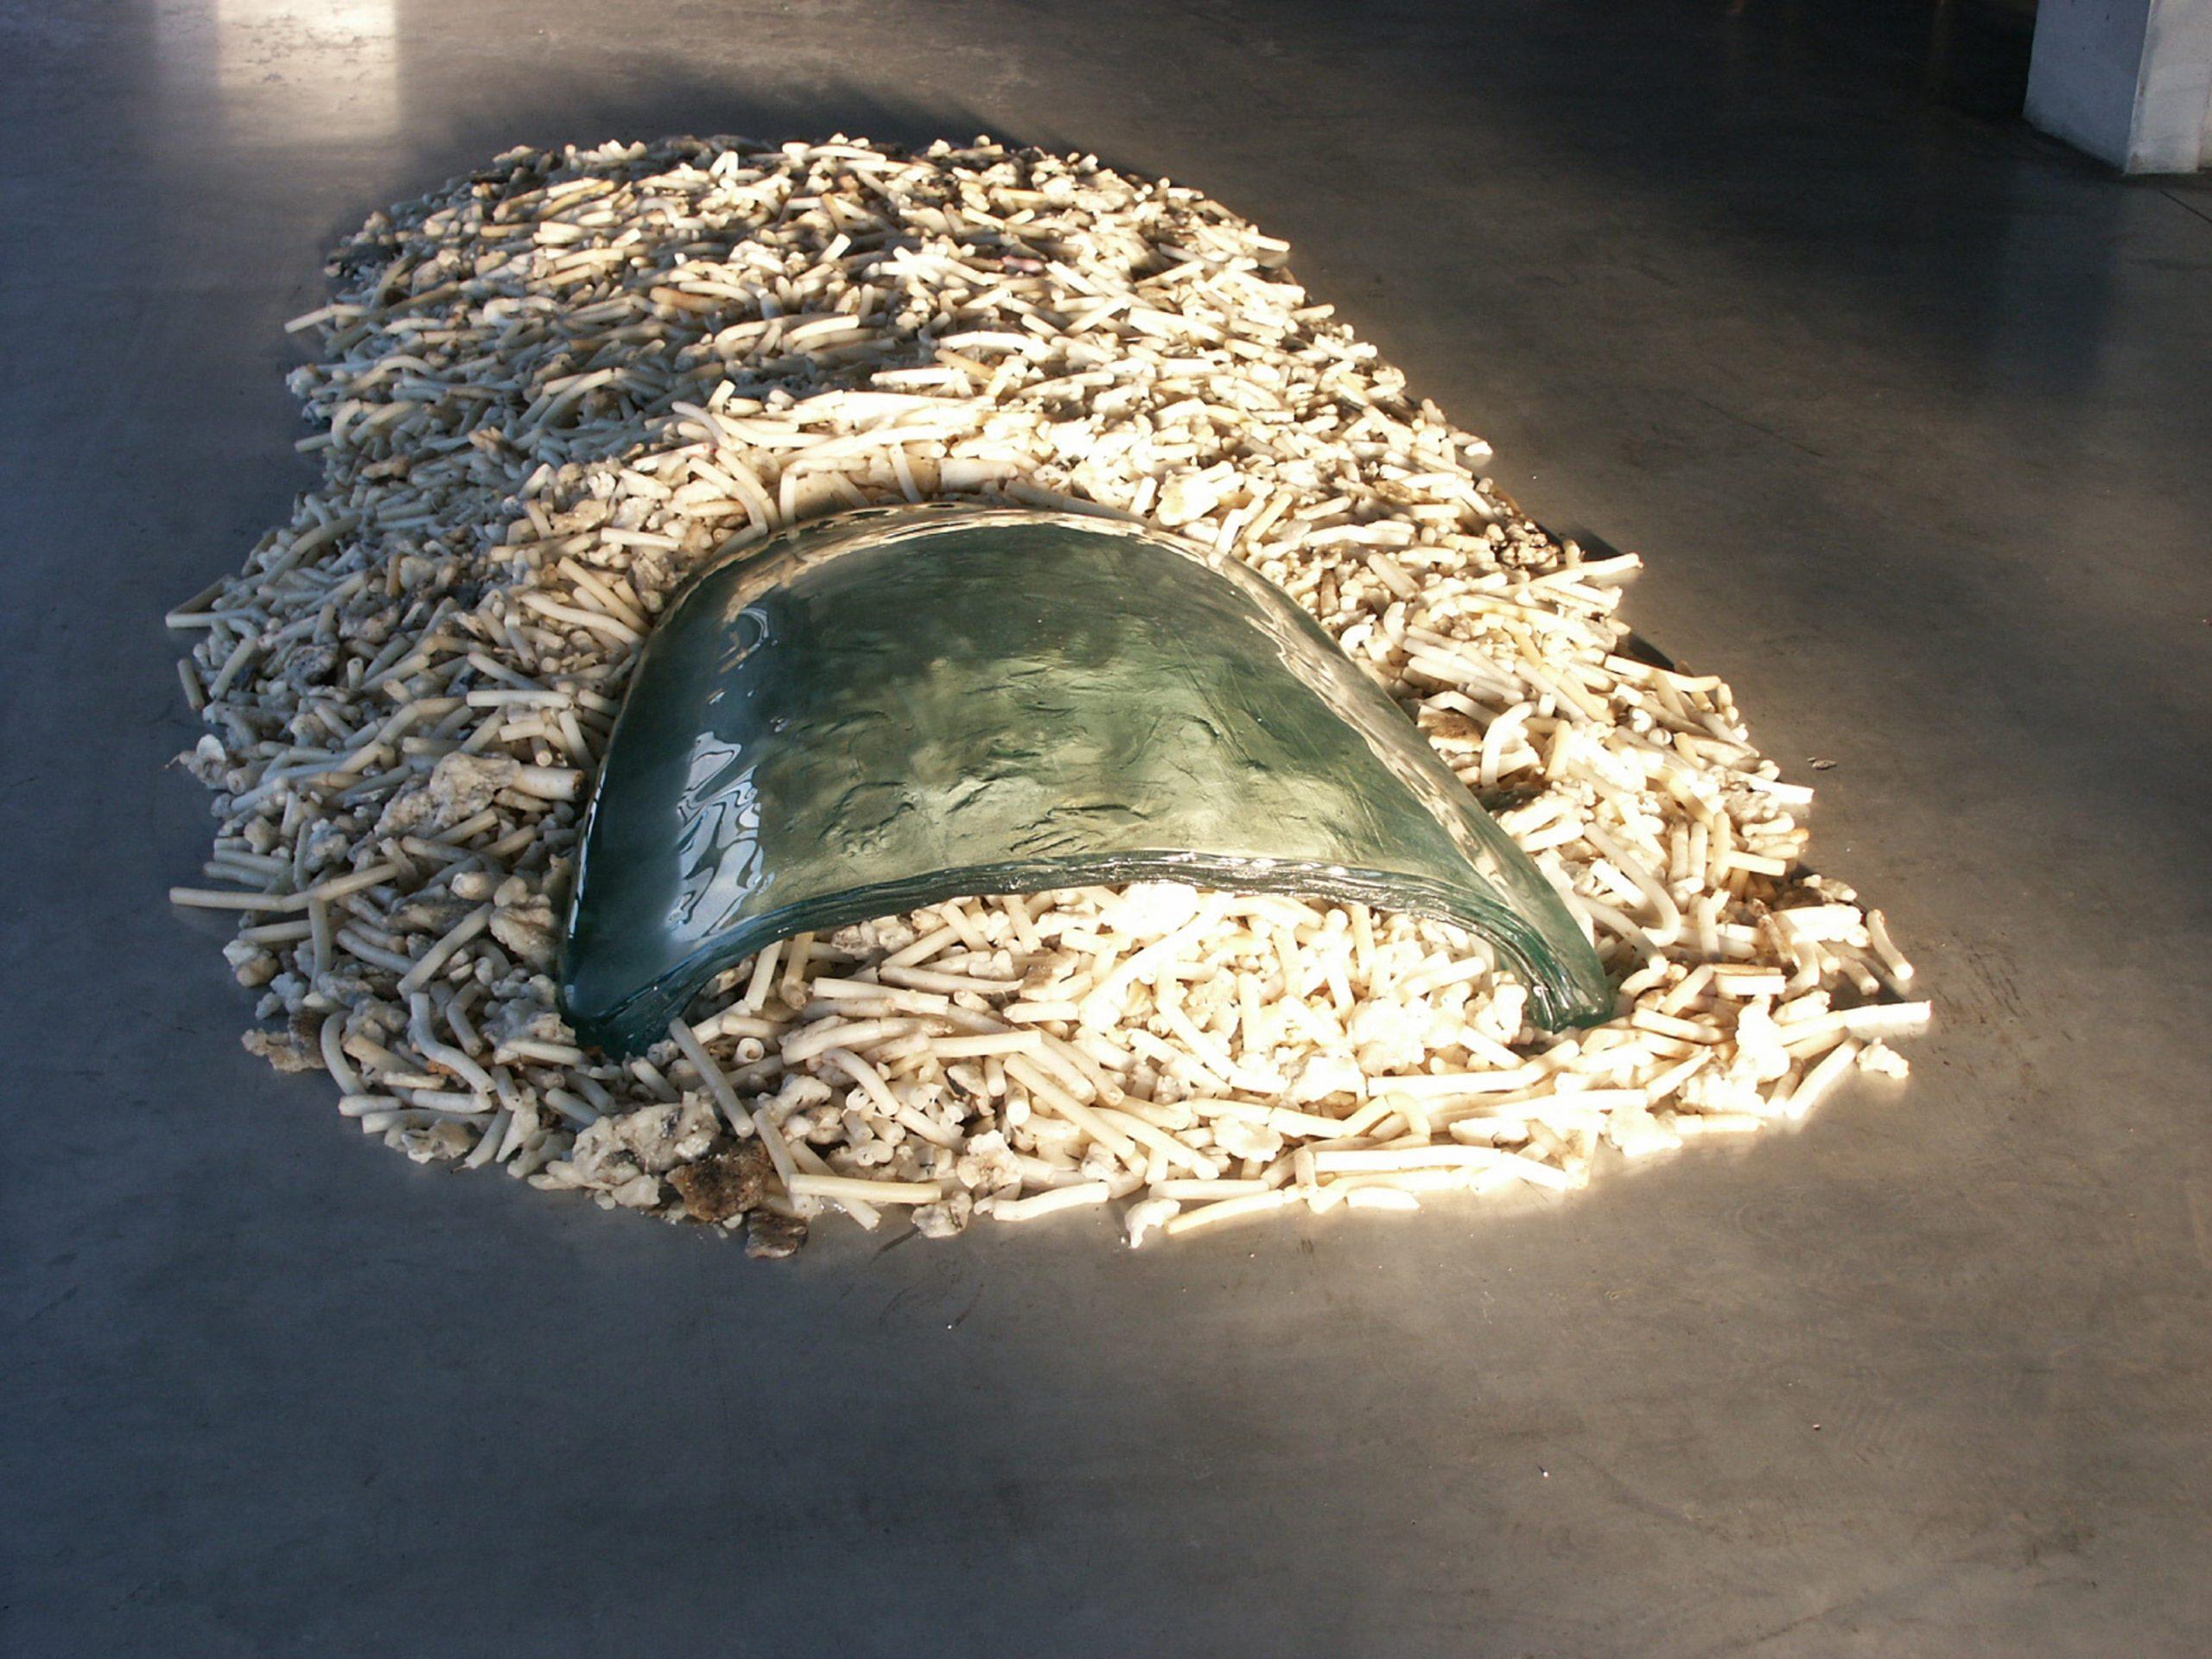 Giuseppe Penone's Unghia e candele